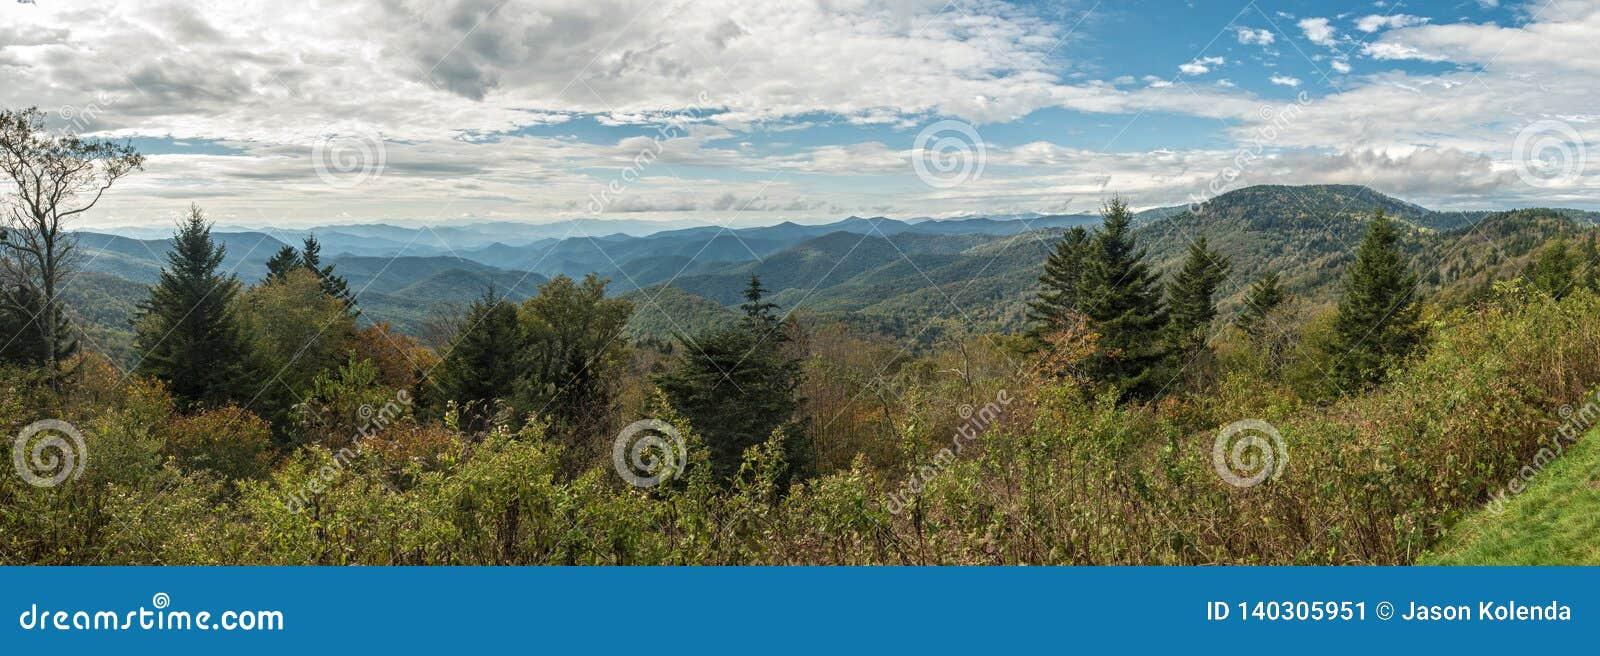 蓝岭山行车通道- Caney叉子俯视全景